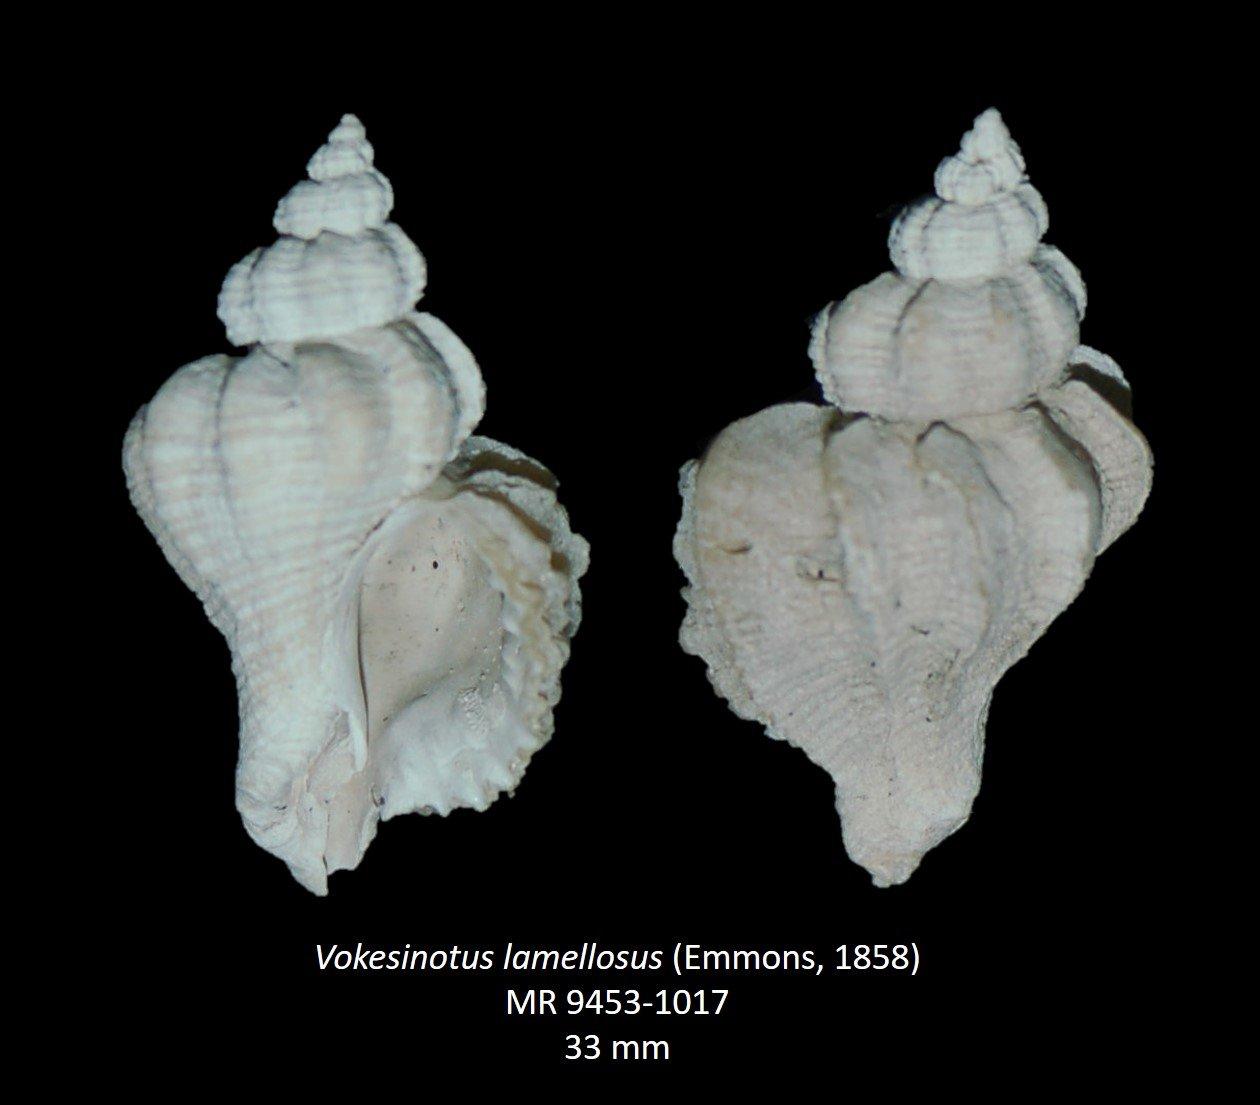 Vokesinotus lamellosus